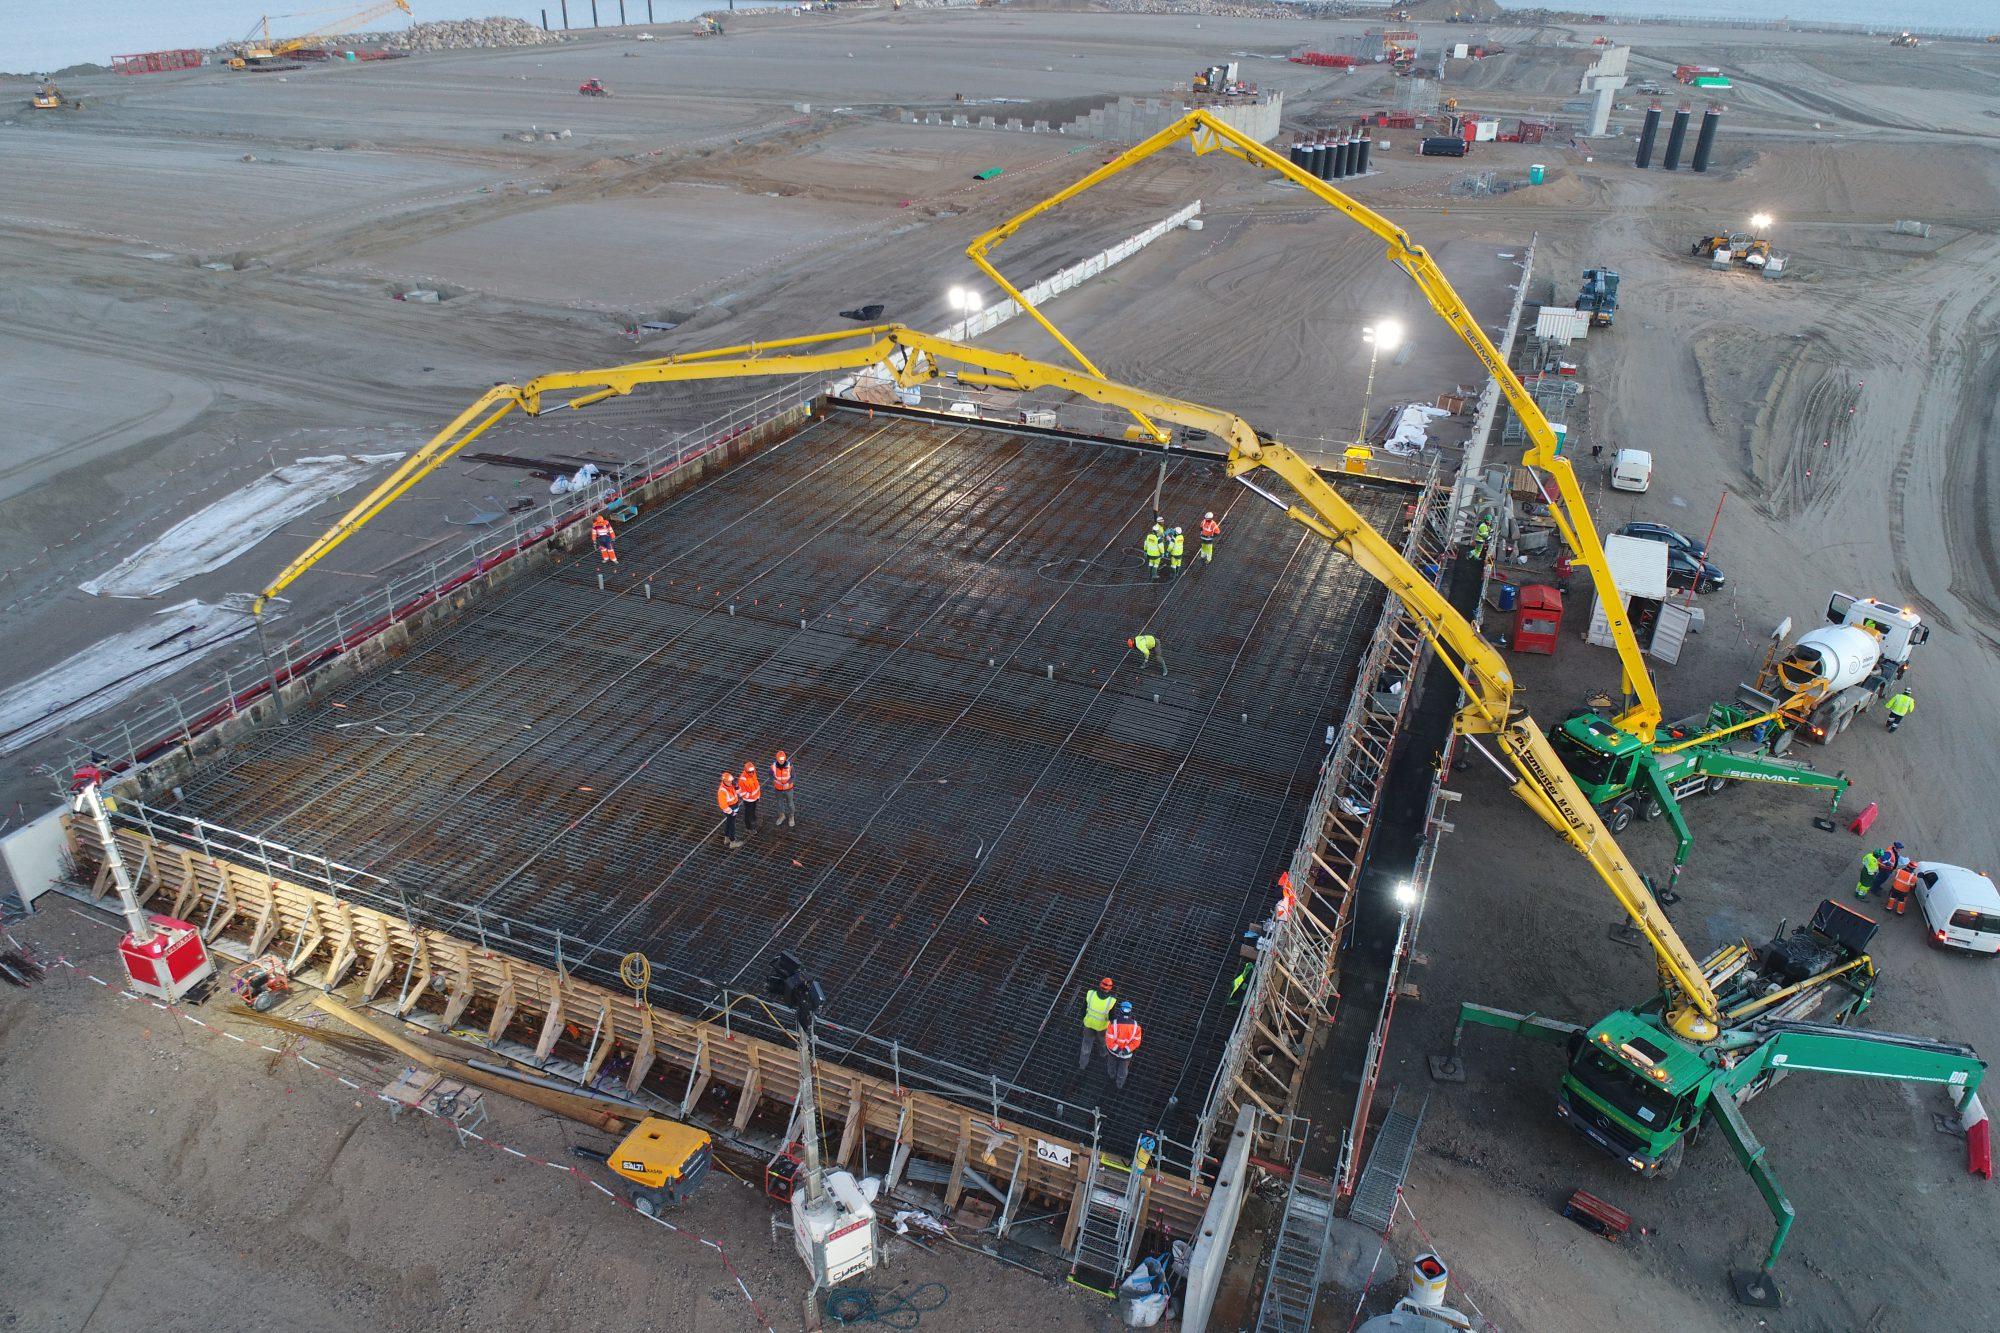 Pompe à béton Port de Calais Novembre 2018